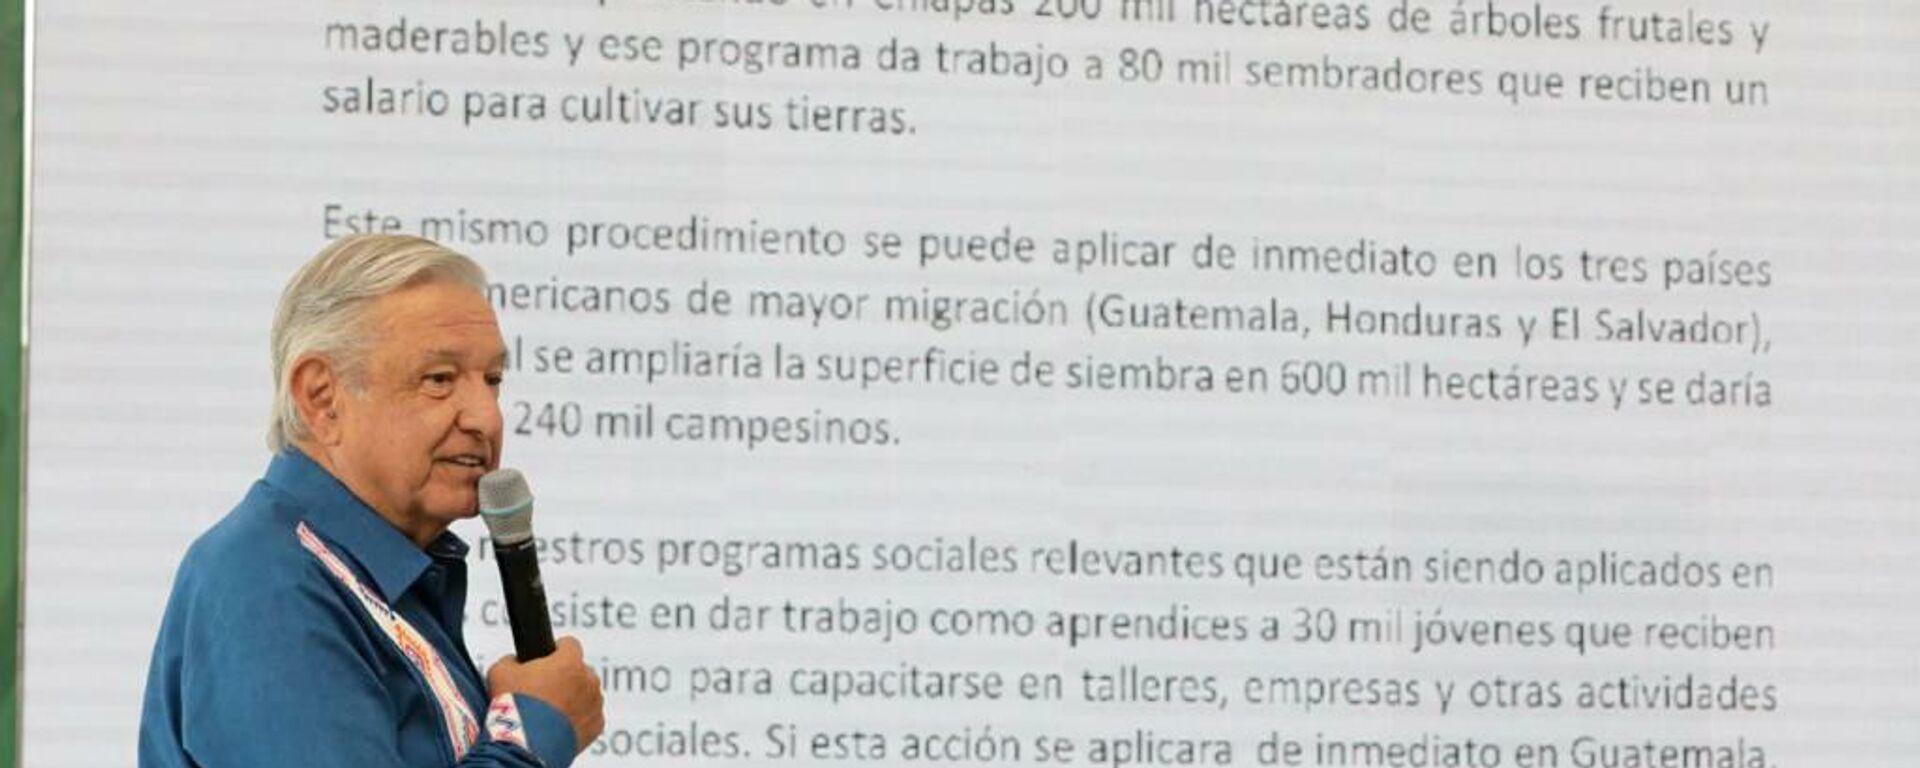 Andrés Manual López Obrador, presidente de México - Sputnik Mundo, 1920, 20.09.2021